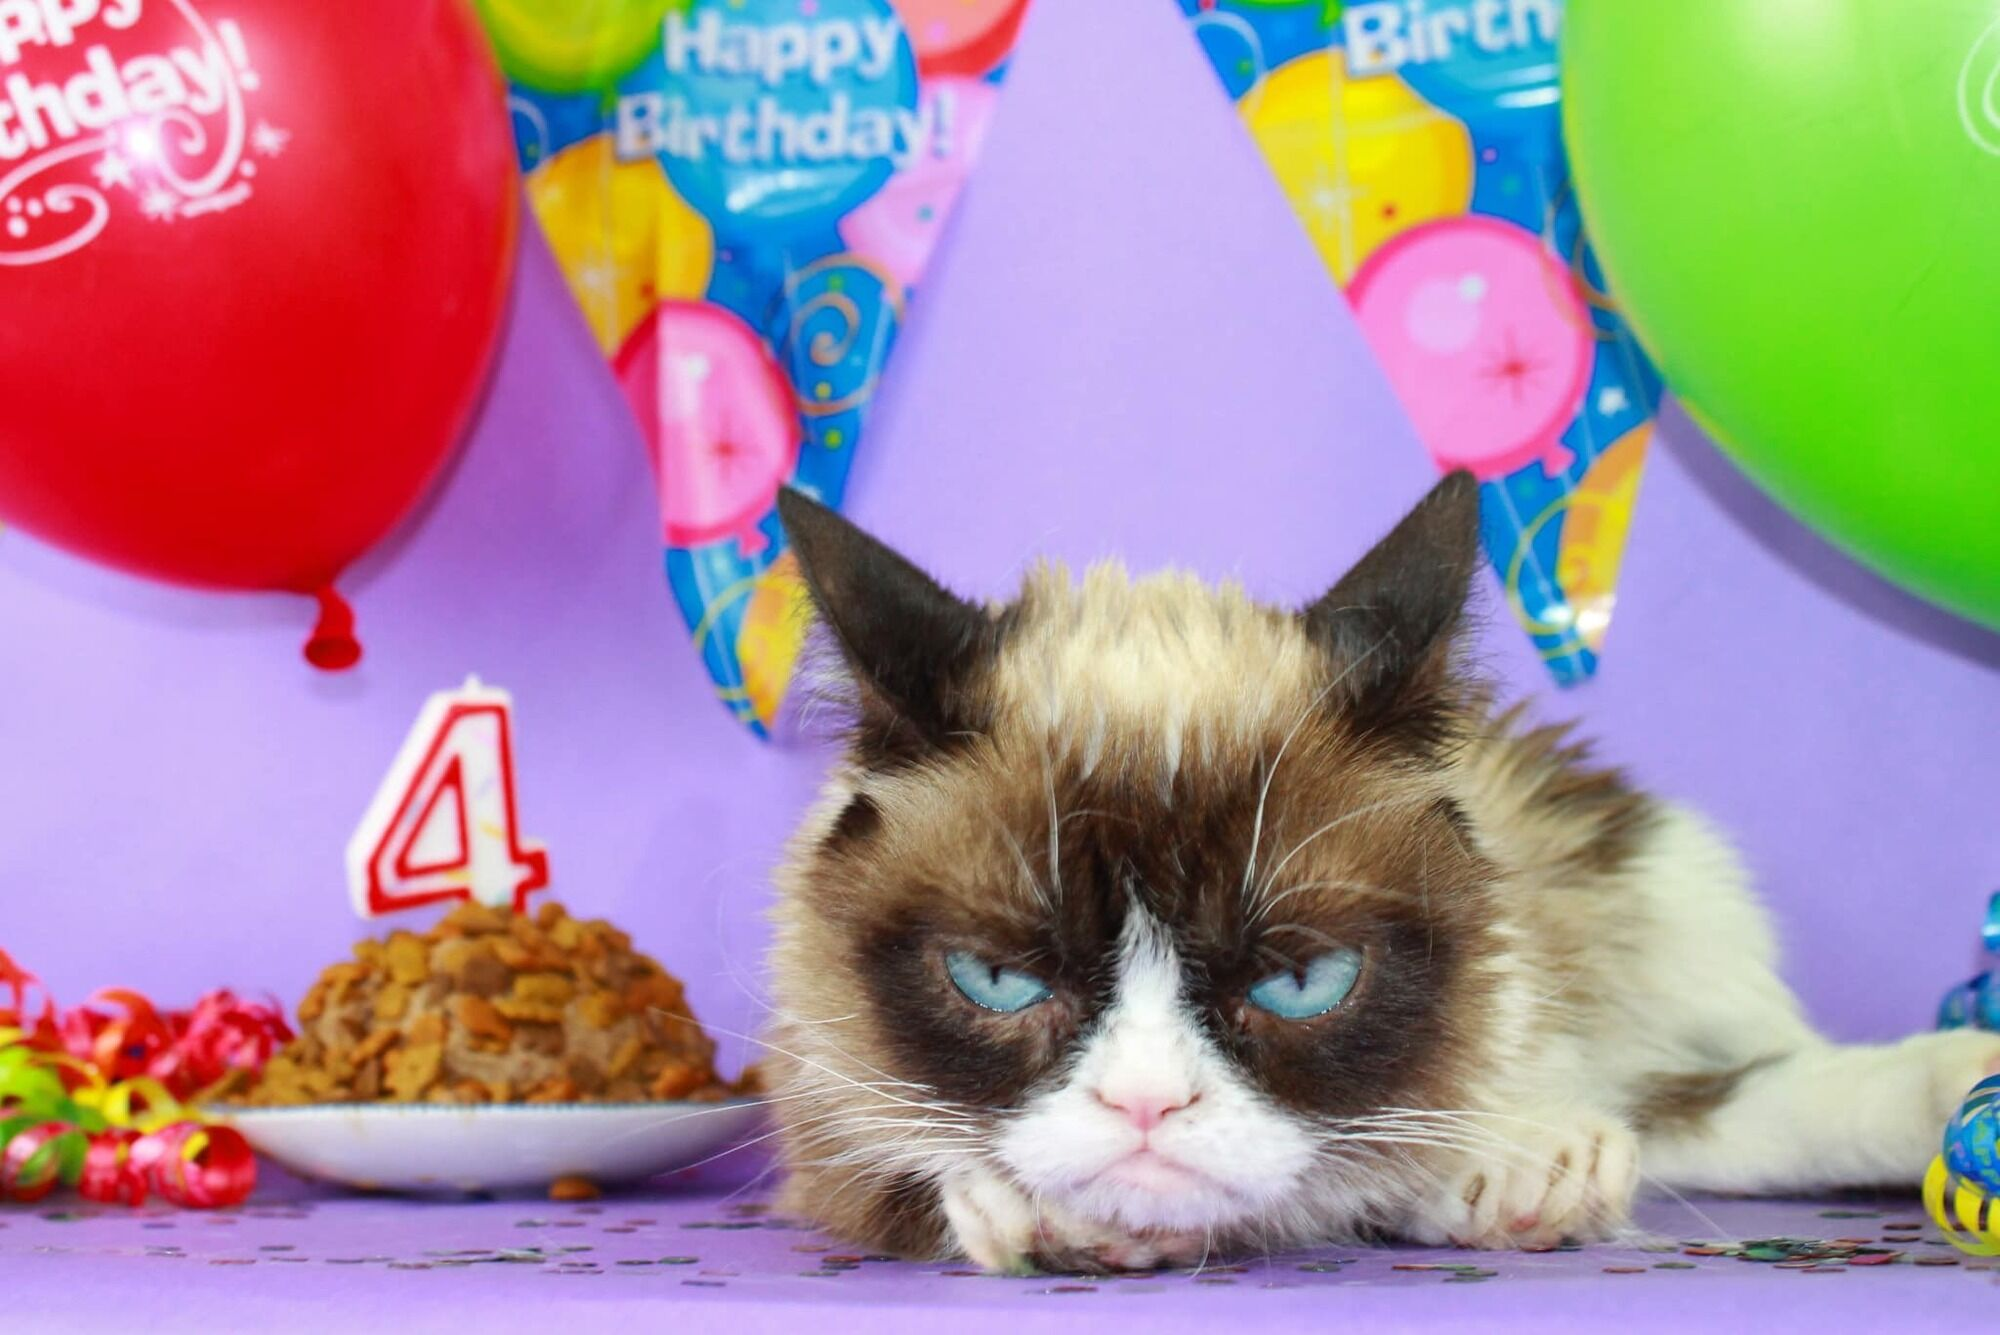 Кішка зовсім не радіє своєму дню народженню.